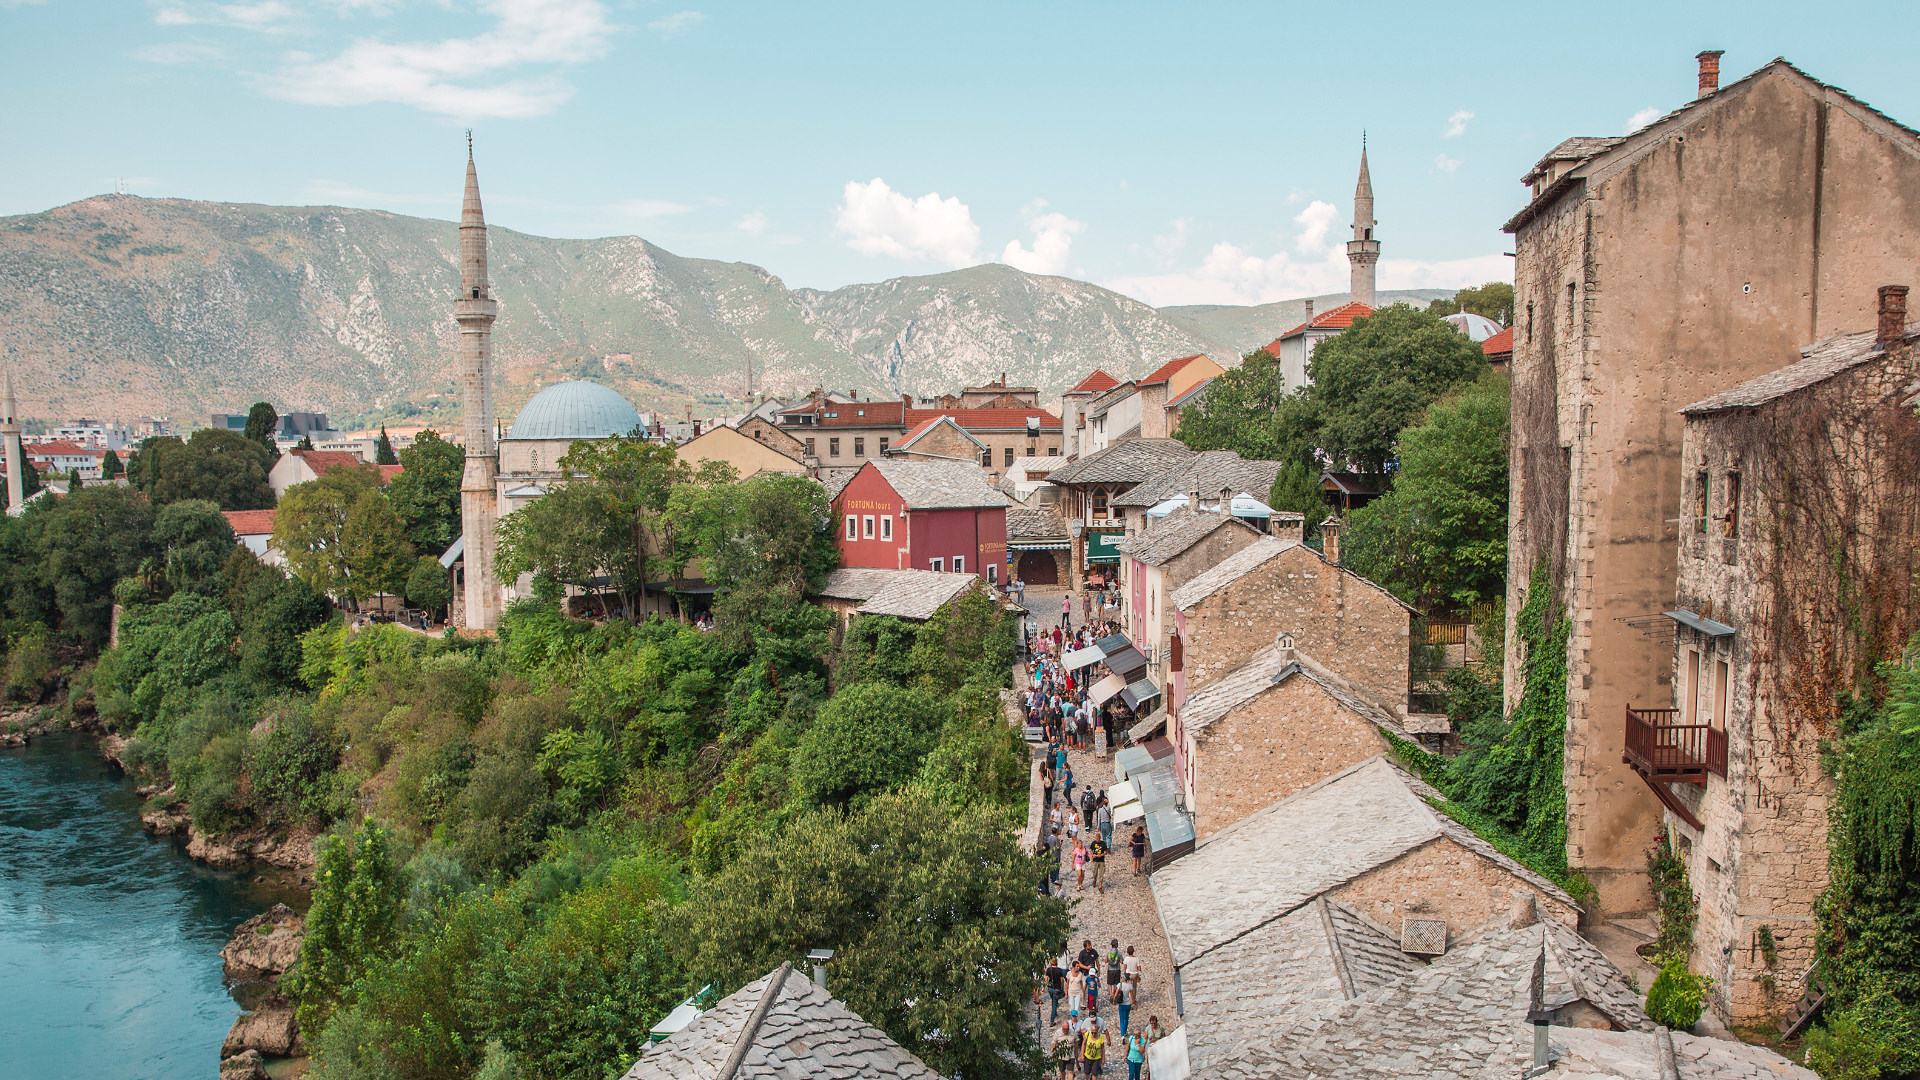 Bize Yabancı Olmayan Coğrafya: Bosna-Hersek